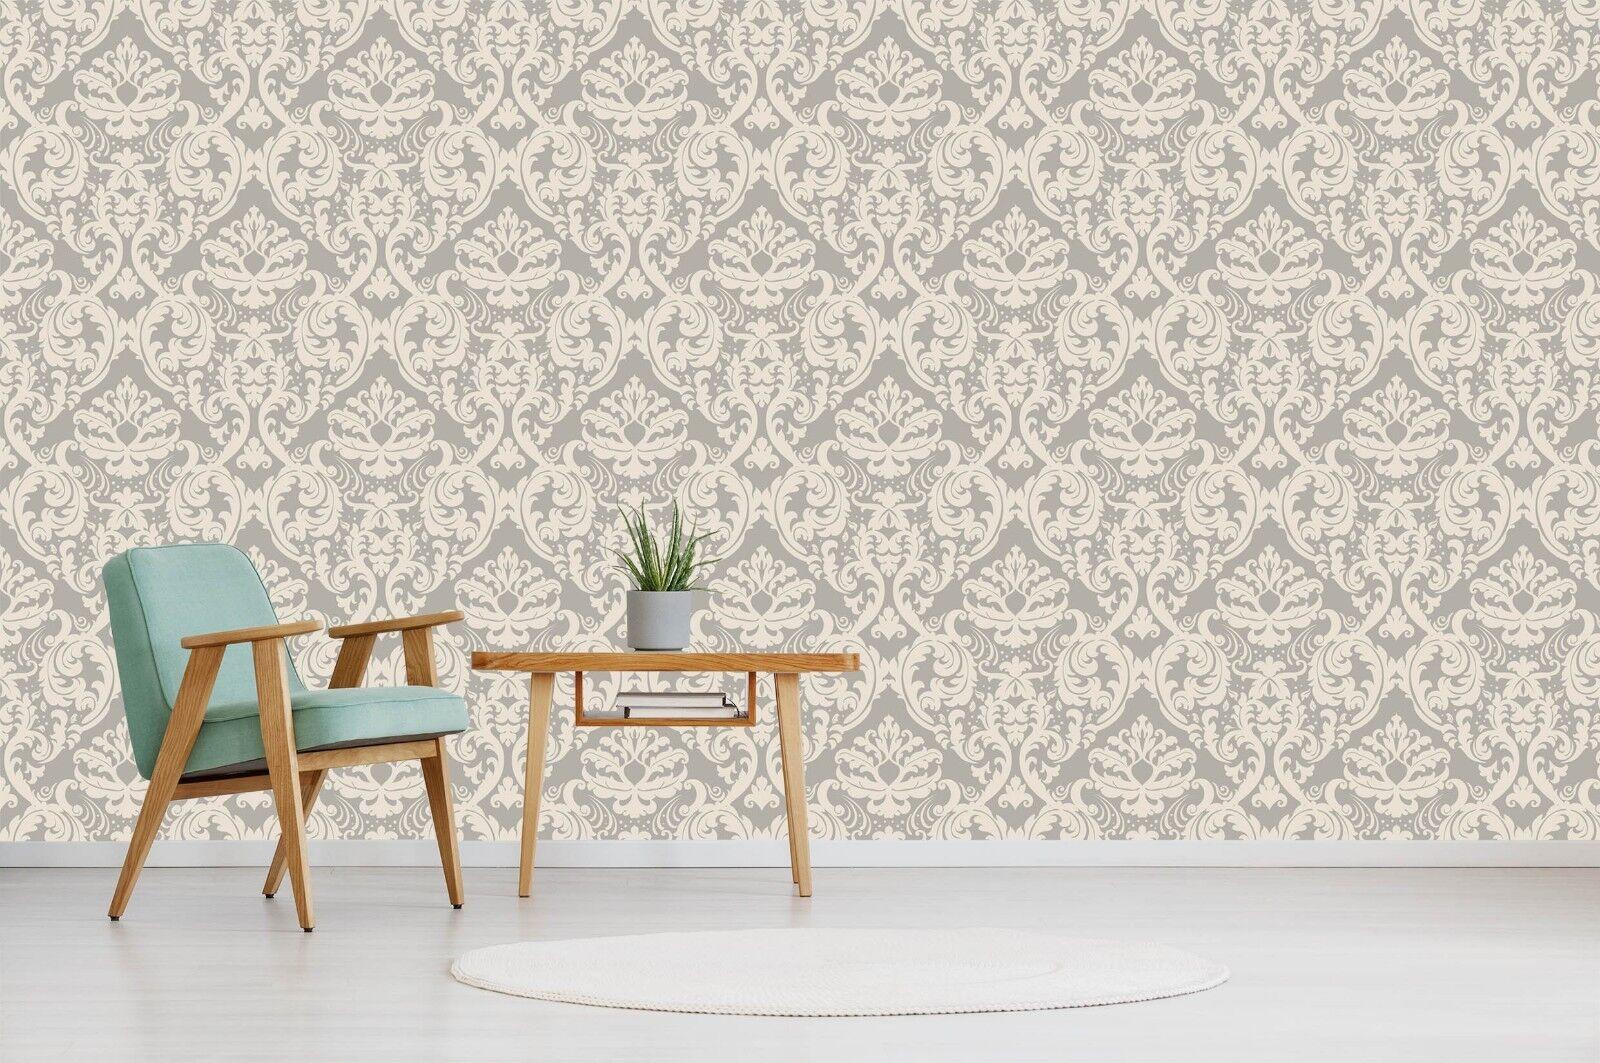 3D Beige Muster Muster Muster 736 Tapete Wandgemälde Tapete Tapeten Bild Familie DE Lemon | Ein Gleichgewicht zwischen Zähigkeit und Härte  7a9d2d